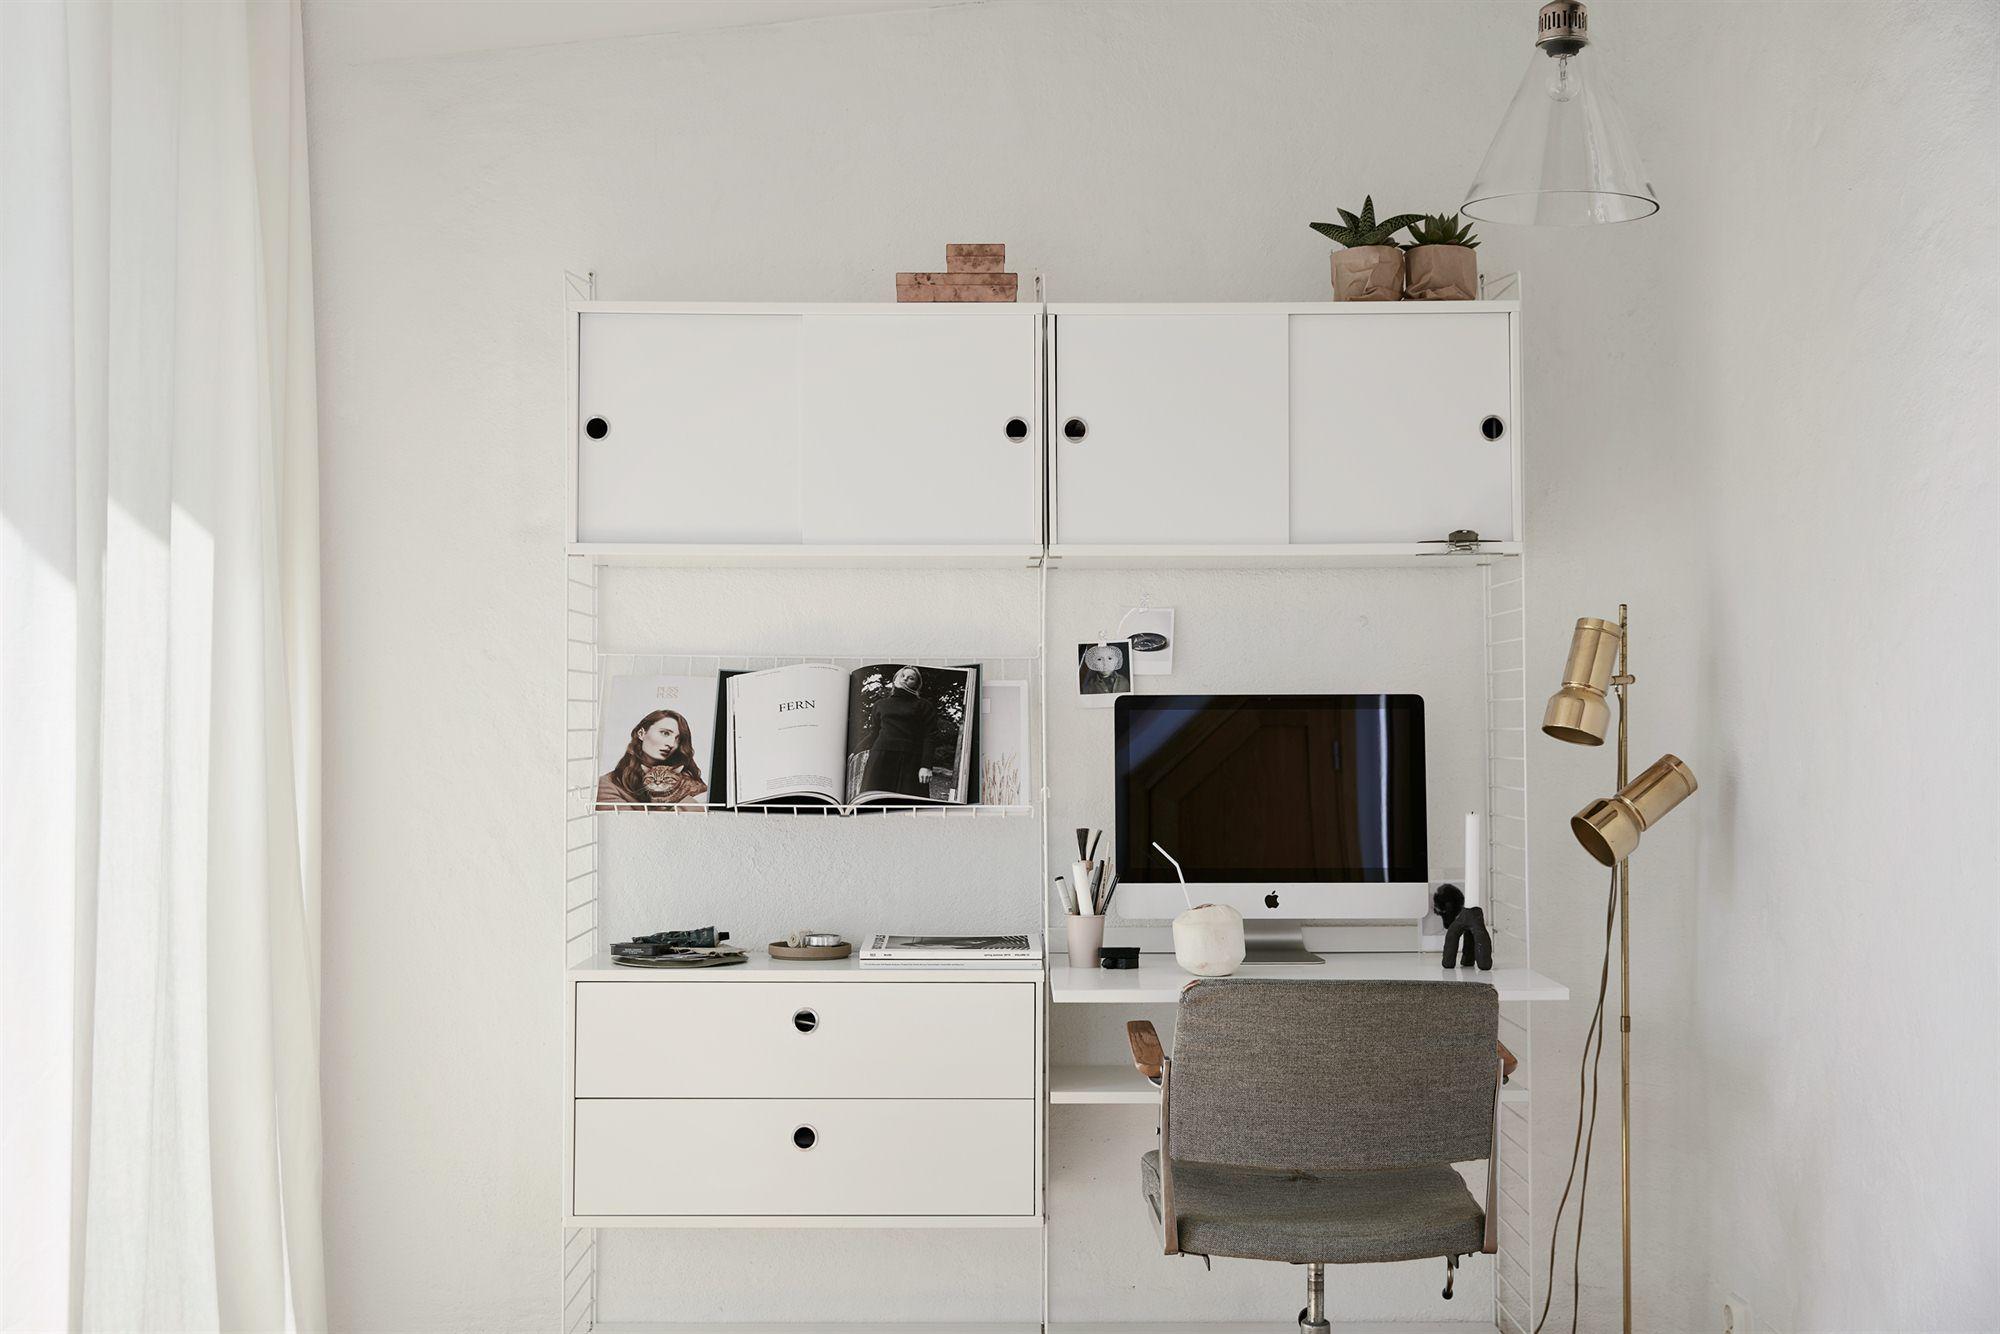 Workspace Bedroom Stockholm scandinavian design interior deco ...